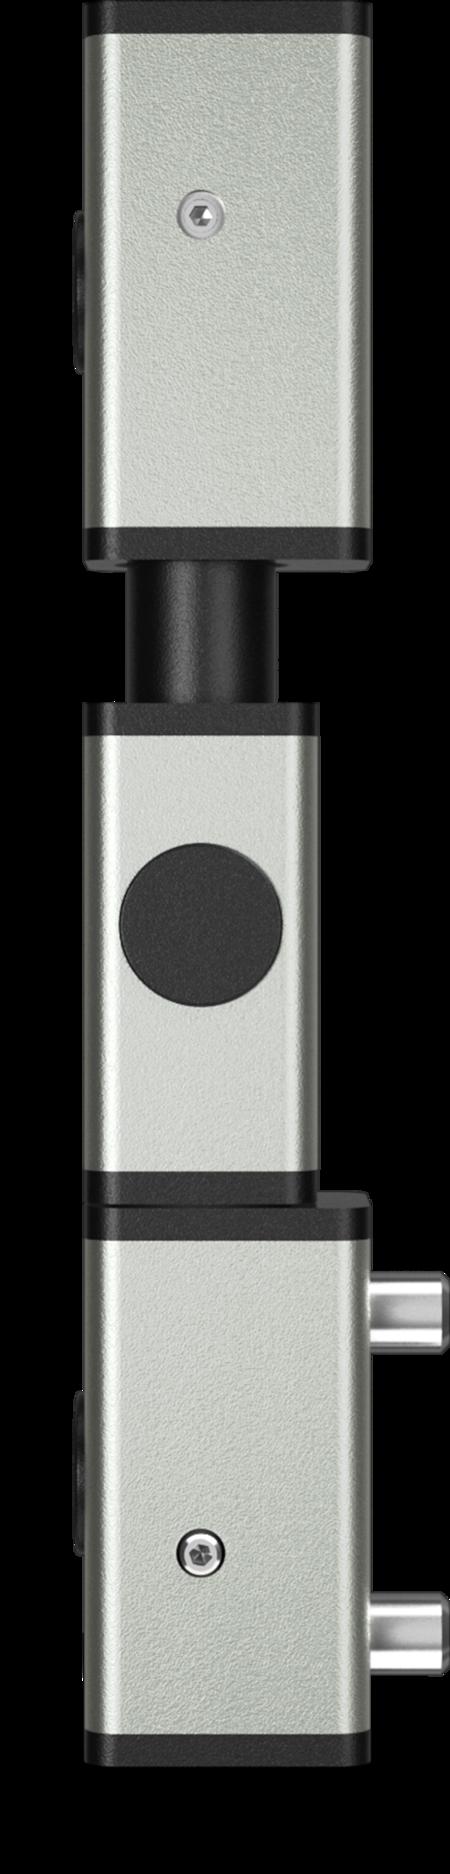 Eckscharnier 3-teilig Edelstahl, gesandstrahlt, rechts und links verwendbar, nicht steigend, für Türen ab 35 mm Überschlag, mit Zapfen, mit schwarzen Abdeckkappen